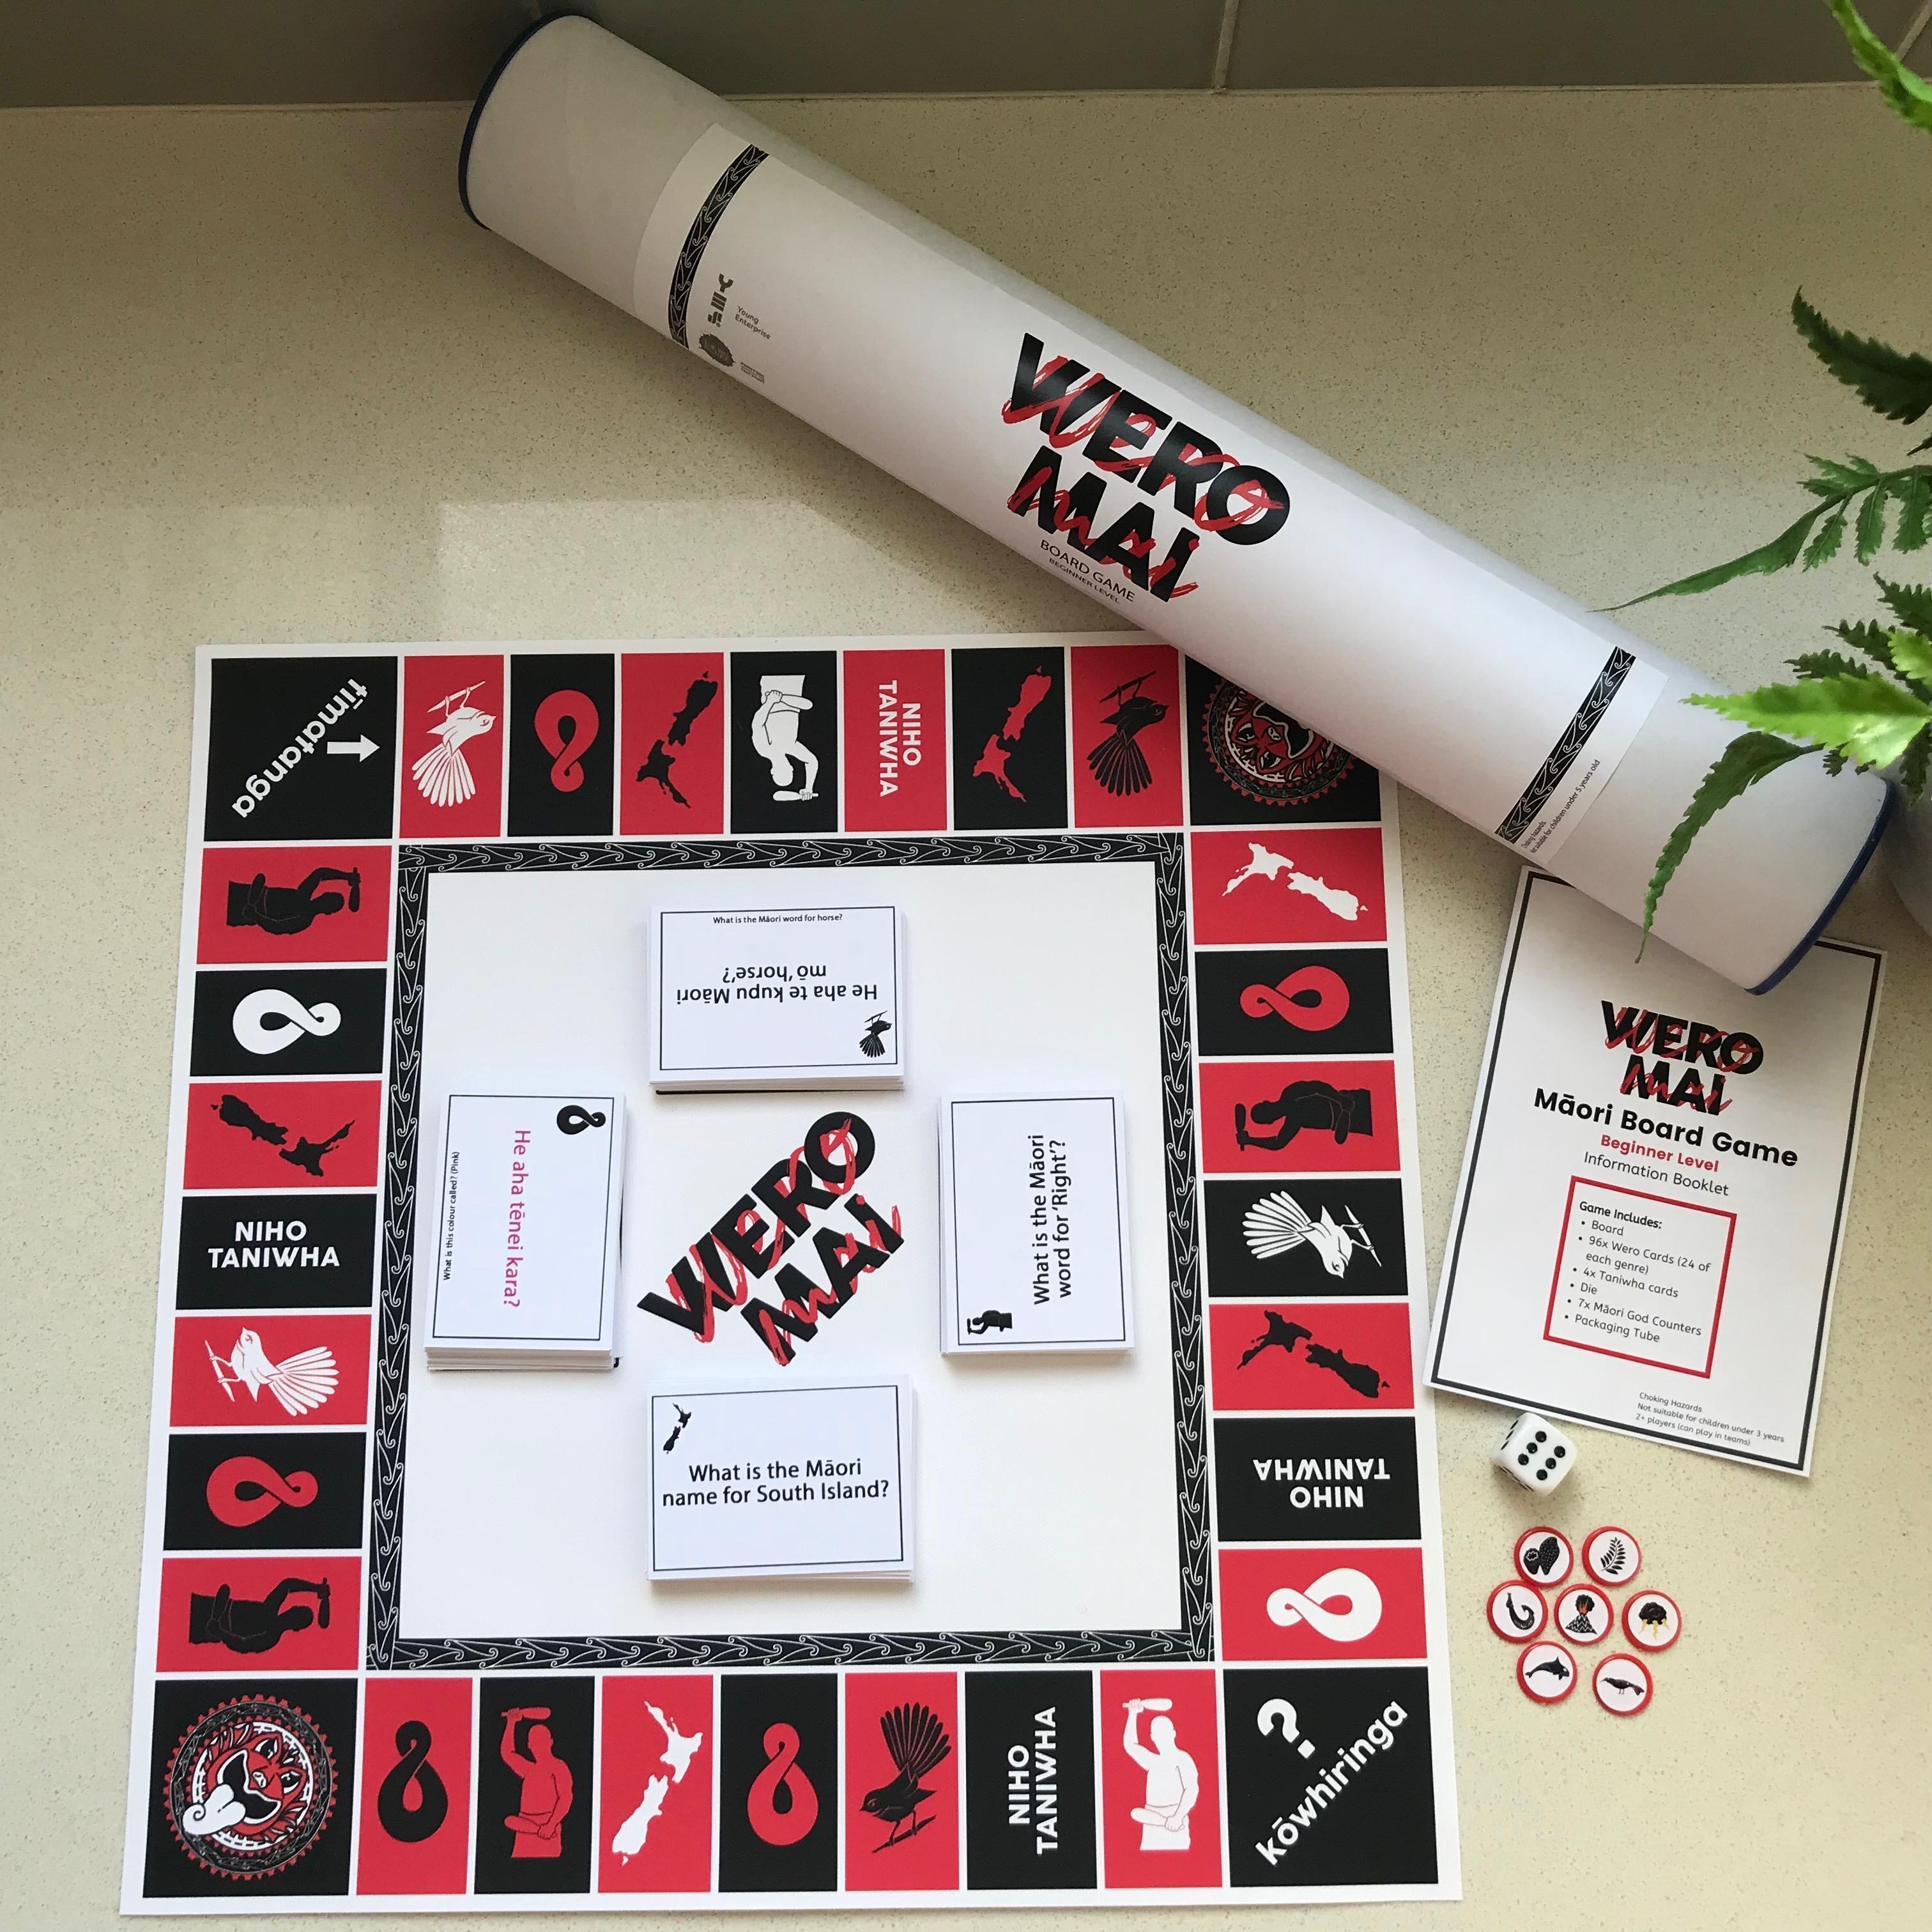 Wero Mai, a Māori board game